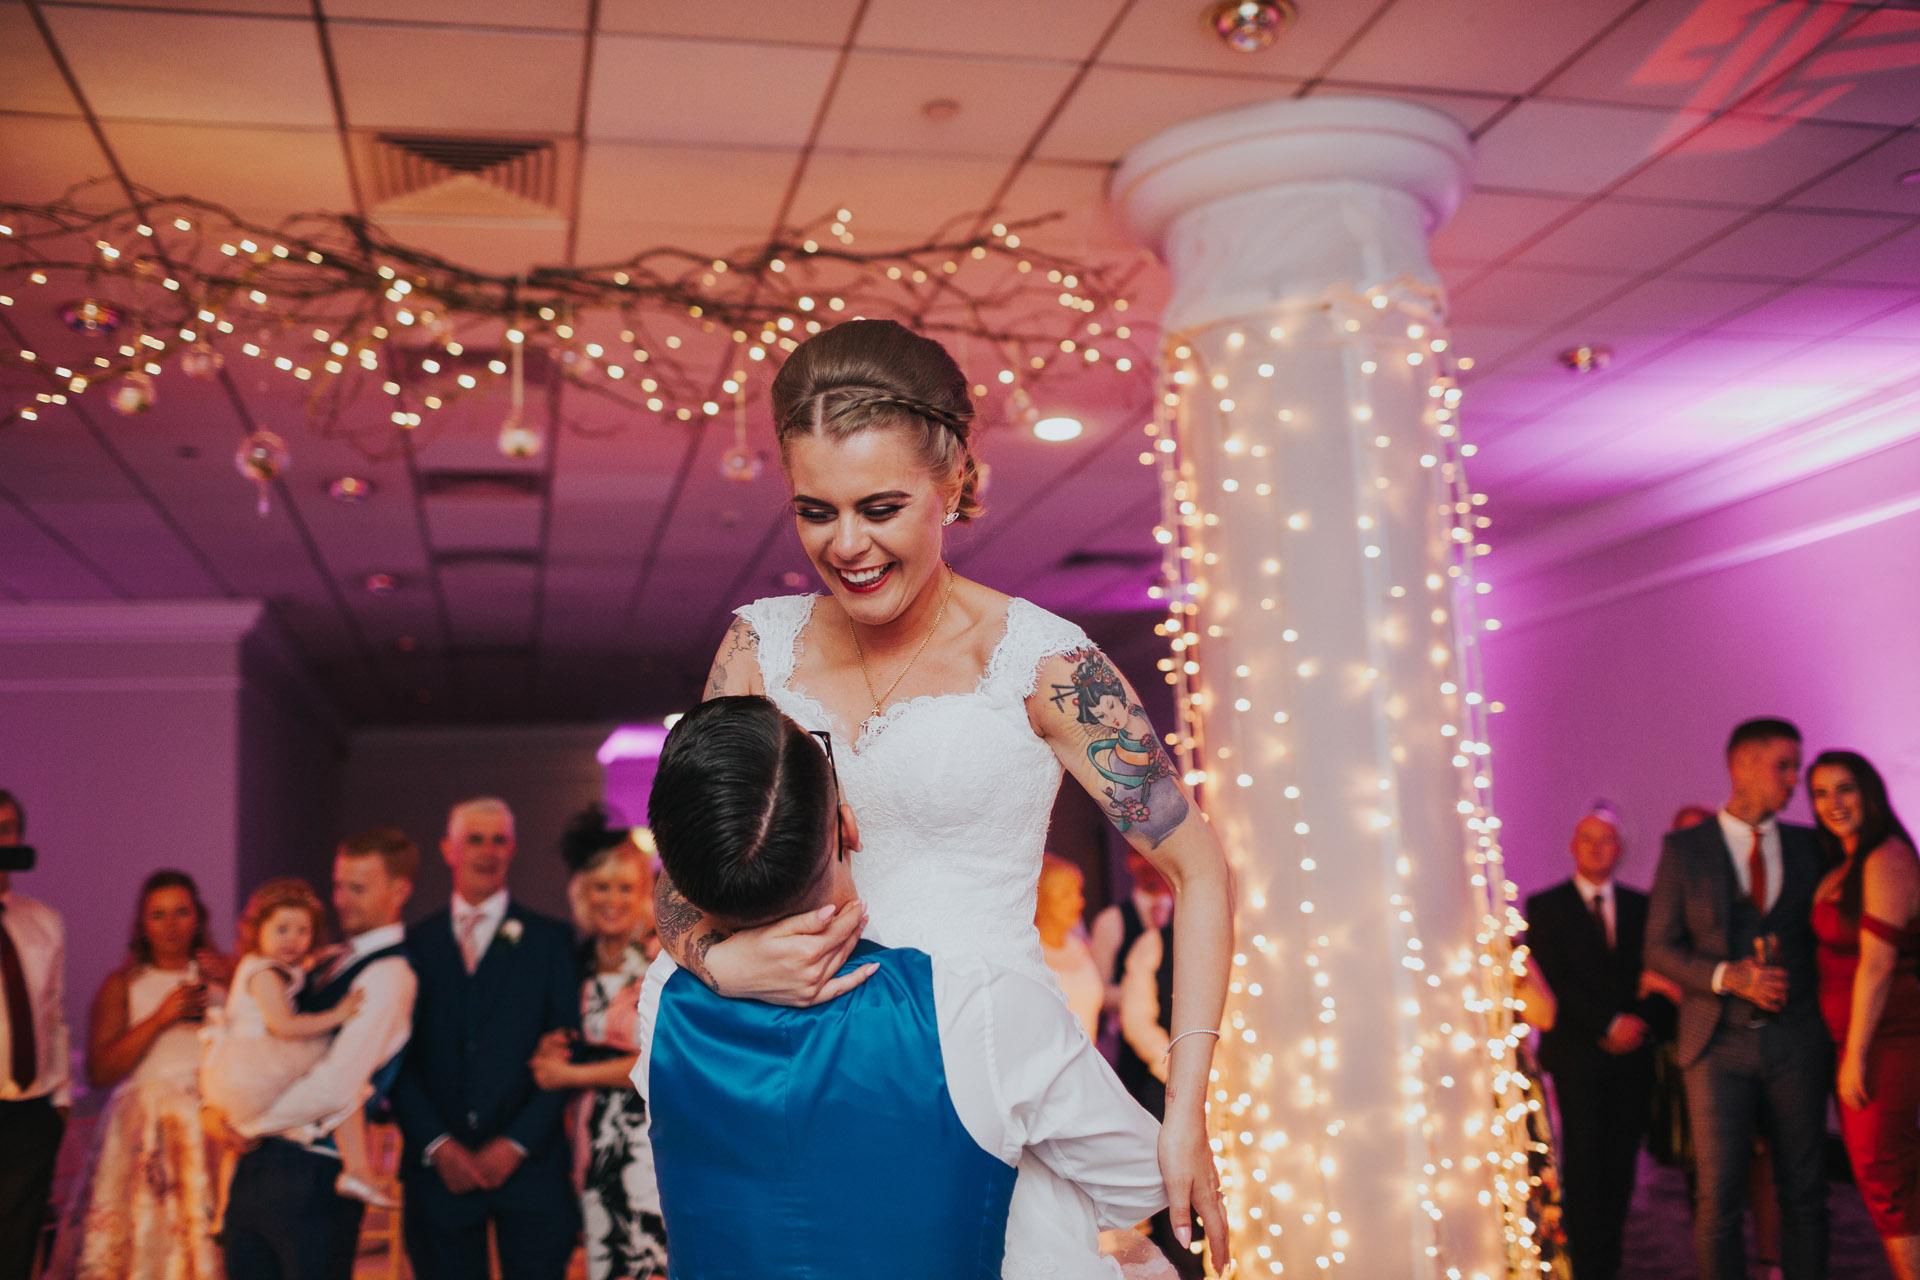 Groom lifts bride up on dance floor